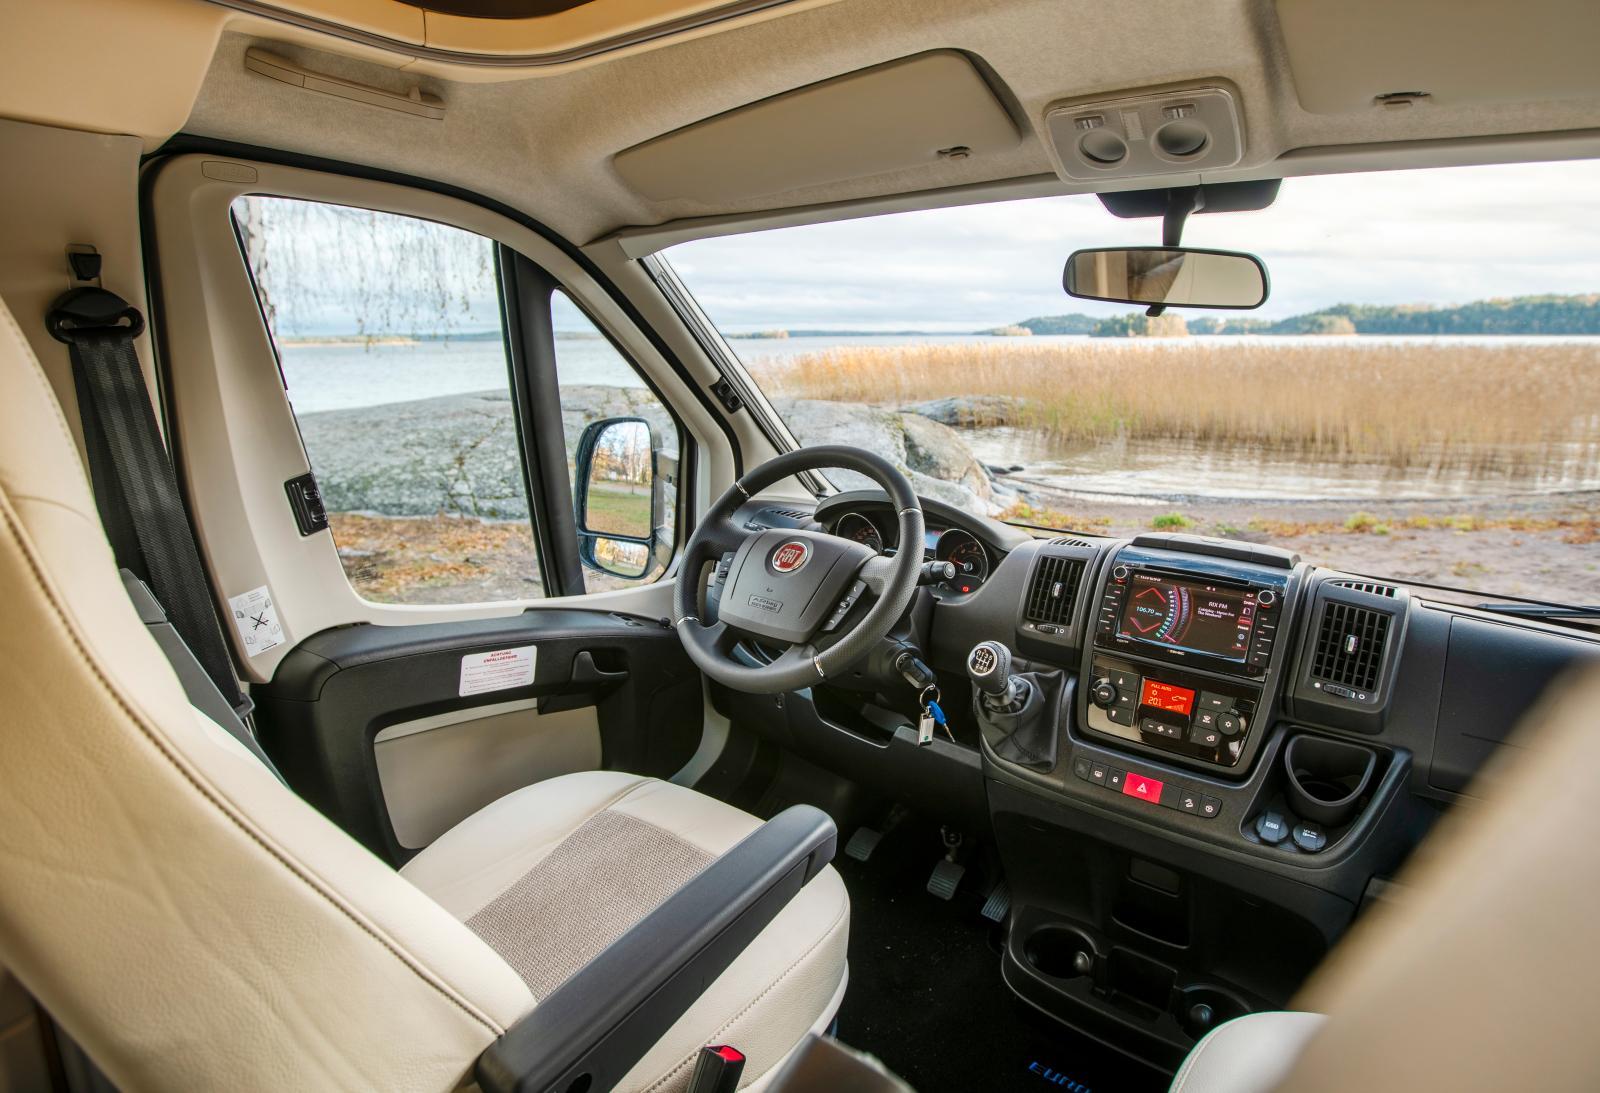 Förarmiljön i Fiat Ducato är en vanlig syn i nya husbilar. Denna Profila RS är upphottad med bland annat klimatanläggning.